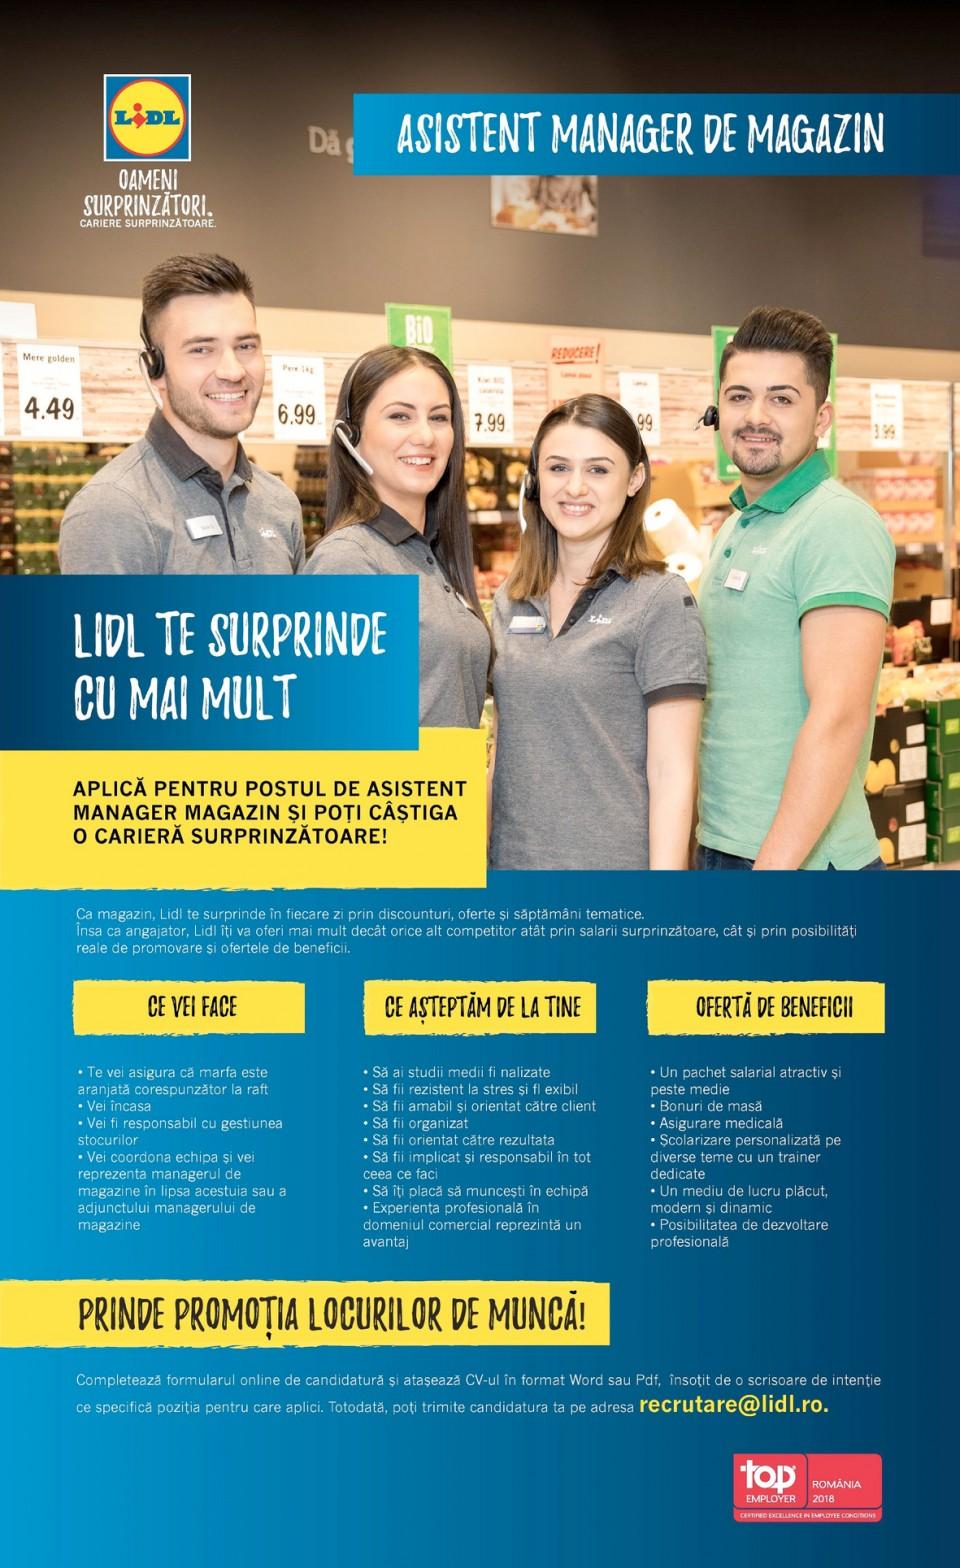 Asistent Manager Magazin Zona Andronache Voluntari Full time (f/m)   LIDL. OAMENI SURPRINZĂTORI. CARIERE SURPRINZĂTOARE. Pentru angajații noștri calitatea nu este doar un cuvânt, ci un mod de viață. Echipele noastre din magazin tratează cu atenție atât lucrurile mici, cât și pe cele de importanță maximă deoarece ne dorim să avem succes în orice facem. Dacă îți place dinamismul și să faci parte dintr-o echipă diversă, atunci Lidl este ceea ce cauți! APLICĂ PE CARIERE.LIDL.RO Atunci ai următoarele posibilități: să completezi formularul online de candidatură și să atașezi CV-ul tău în format Word sau Pdf, să trimiți CV-ul printr-un email la adresa jobs@lidl.ro sau să lași CV-ul într-un plic sigilat pe care să ai trecut numele poziției pentru care aplici în oricare dintre magazinele cele mai apropiate. Trebuie să știi că nu luăm în considerare candidaturile incomplete sau incompatibile pentru următoarea etapă a procesului de recrutare. ȚI-AM TREZIT INTERESUL?  UN SALARIU PESTE AȘTEPTĂRI SAU ASIGURARE PRIVATĂ DE SĂNĂTATE? LA LIDL LE AI PE AMÂNDOUĂ ȘI MULTE ALTE BENEFICII. FII COLEGUL NOSTRU ȘI BUCURĂ-TE DE O CARIERĂ SURPRINZĂT OARE! CE VEI FACE CE AȘTEPTĂM DE LA TINE CE ÎȚI OFERIM  • Te vei asigura că marfa este aranjată corespunzător la raft • Vei încasa • Vei fi responsabil cu gestiunea stocurilor • Vei coordona echipa și vei reprezenta managerul de magazin în lipsa acestuia sau a adjunctului managerului de magazin • Să ai studii medii fi nalizate • Să fi i rezistent la stres și fl exibil • Să fi i amabil și orientat către clienți • Să fi i organizat • Să fi i orientat către rezultate • Să fi i implicat și responsabil în tot ceea ce faci • Să îți placă să muncești în echipă • Experiența profesională în domeniul comercial reprezintă un avantaj • Un pachet salarial atractiv și peste medie • Bonuri de masă • Asigurare medicală • Școlarizare personalizată pe diverse teme cu un trainer dedicat • Un mediu de lucru plăcut, modern și dinamic • Posibilitatea de dezvoltare profe